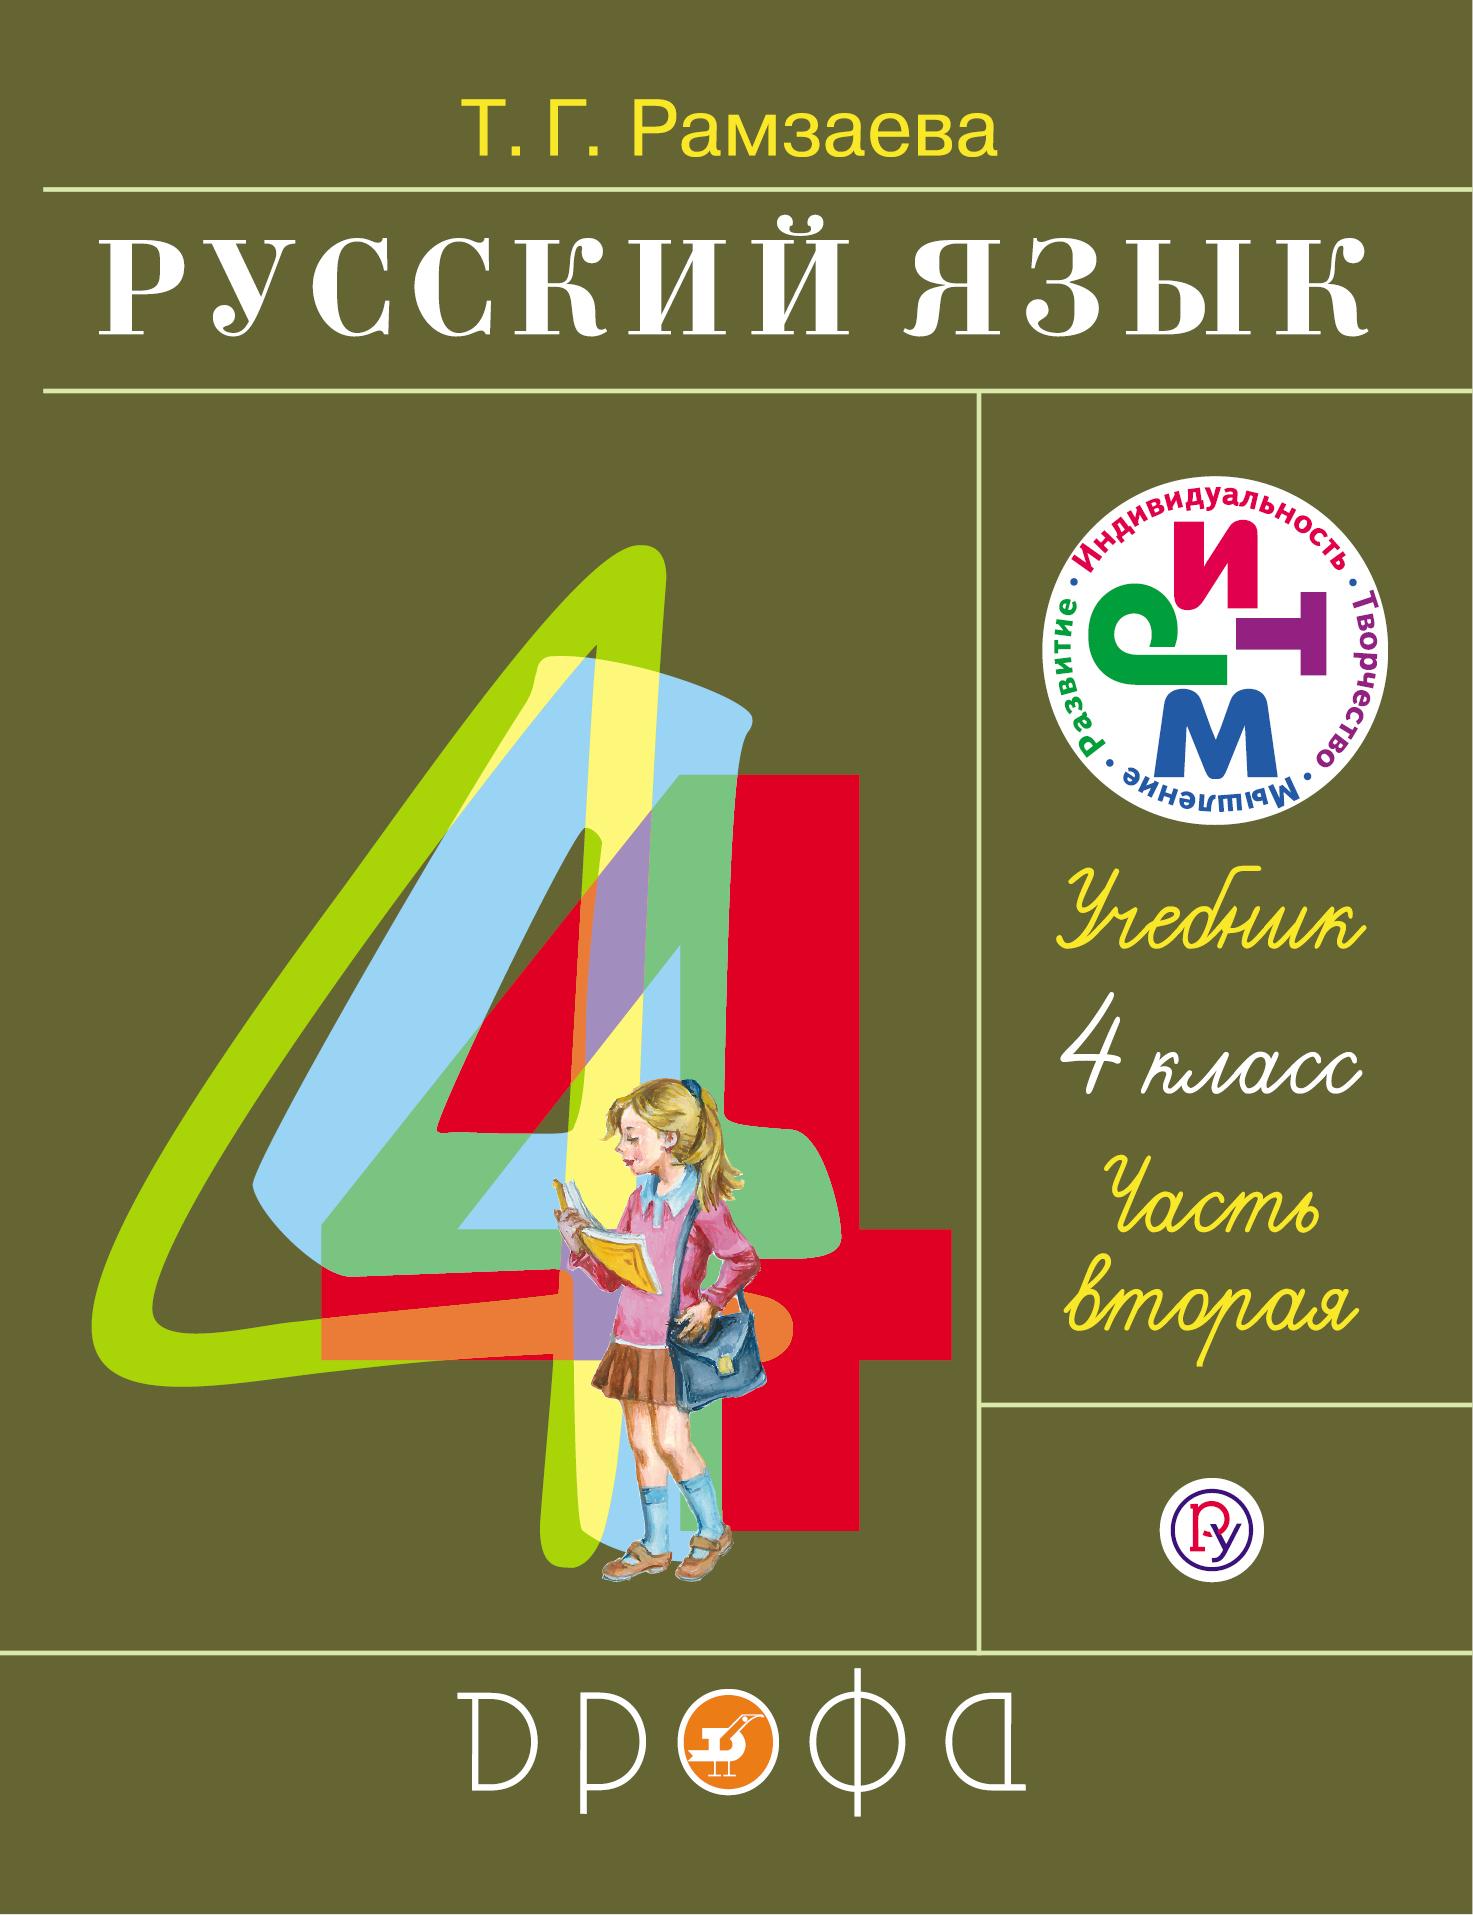 Рамзаева Т.Г. Русский язык. 4 класс. Учебник.Часть 2.